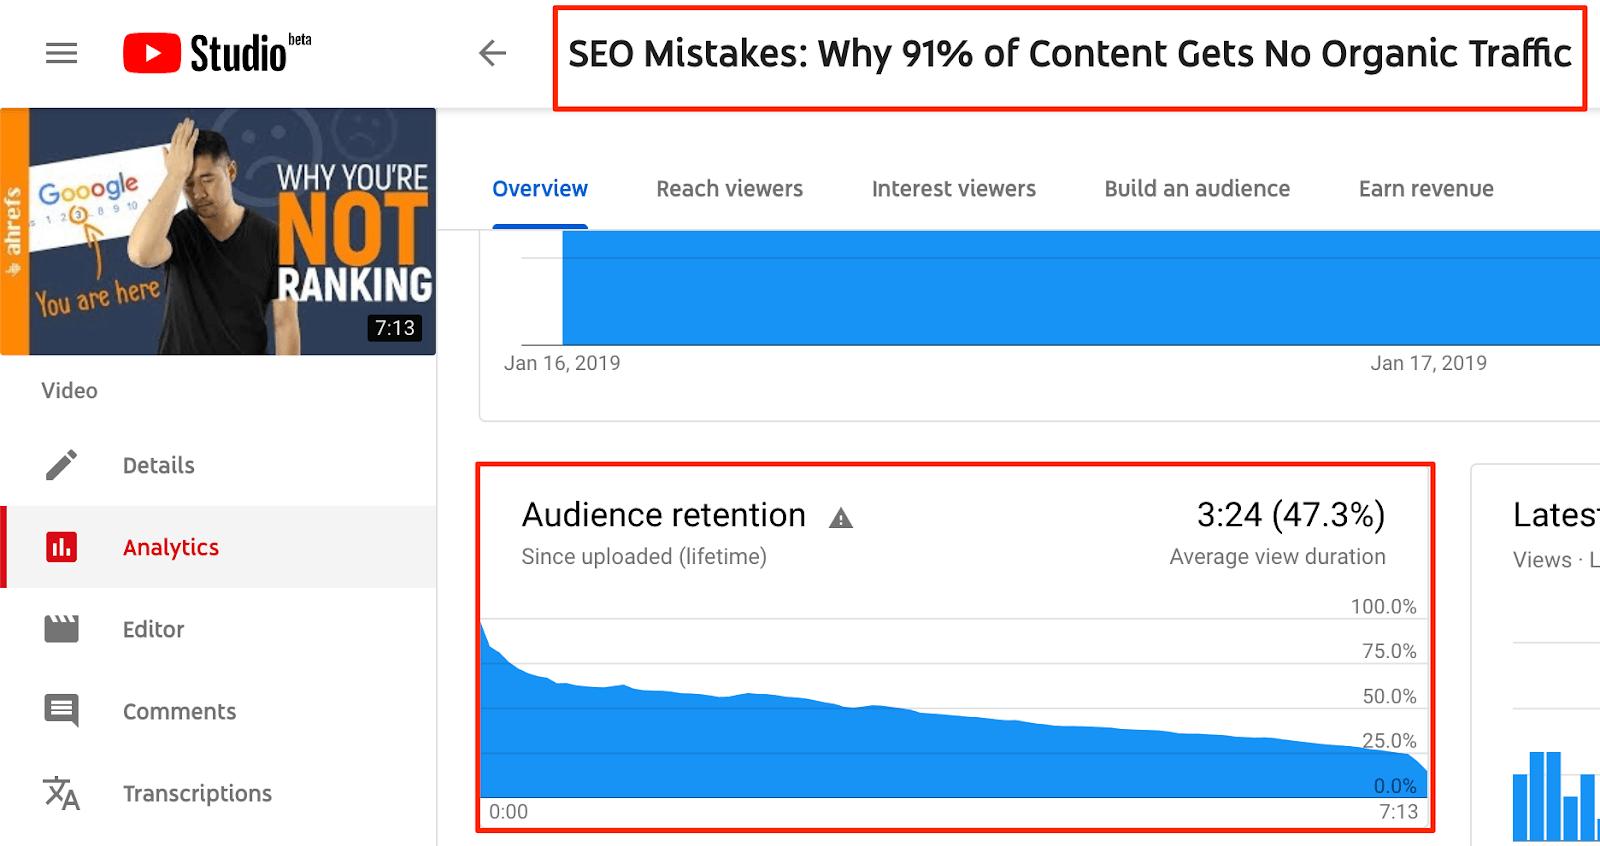 youtube studio audience retention 2